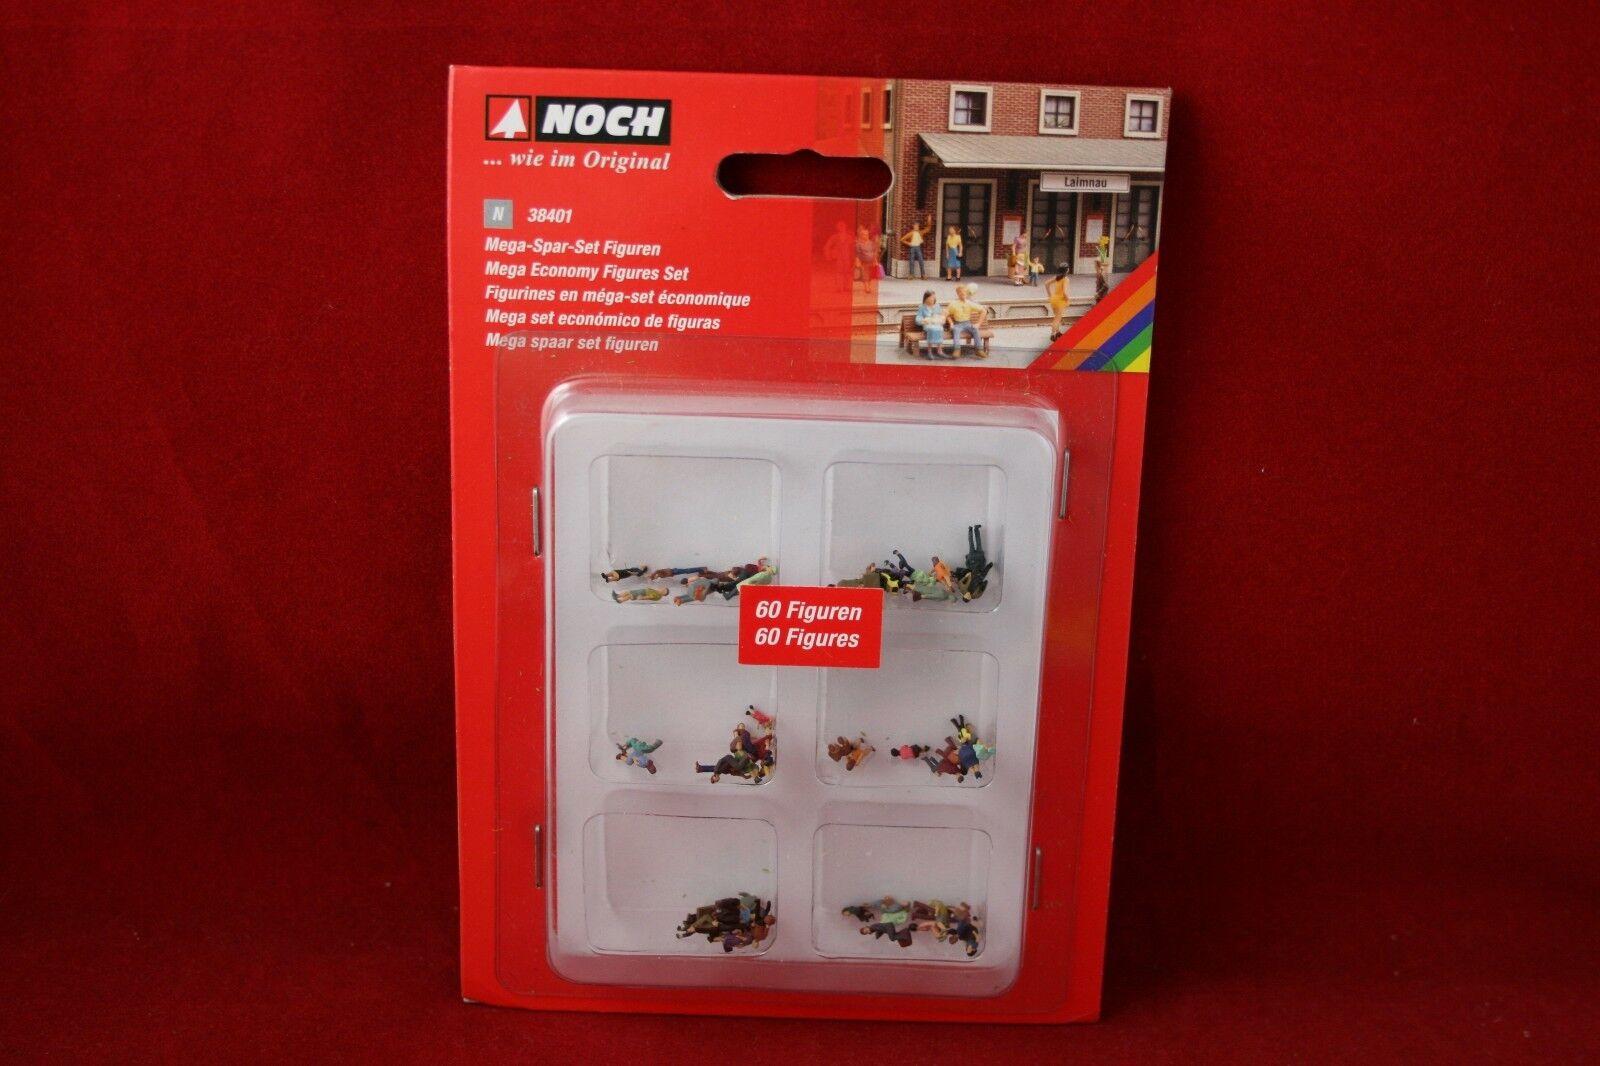 Ancora 38401 Spur N PERSONAGGI 60 pezzi  MEGA-SPAR-SET-personaggi /Nuovo/Scatola Originale